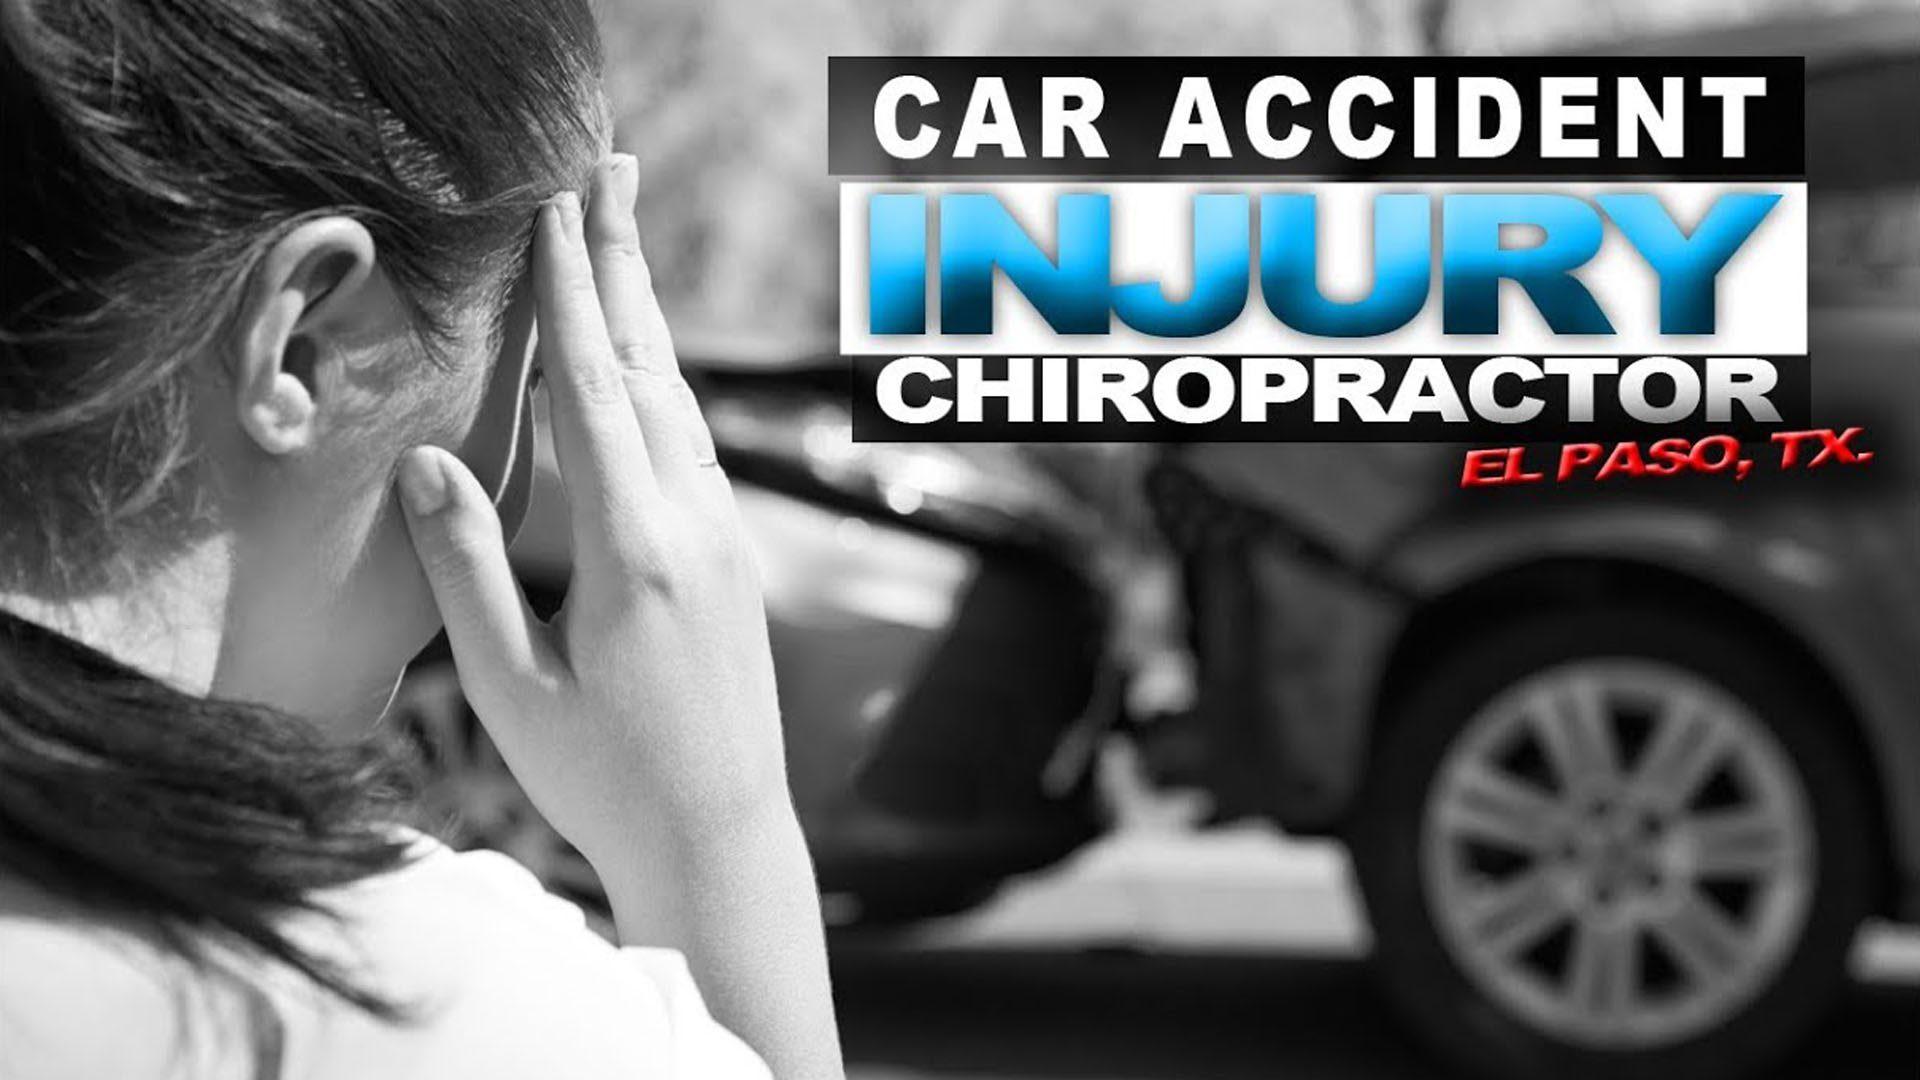 chiropractic membantu kecelakaan mobil el paso tx.